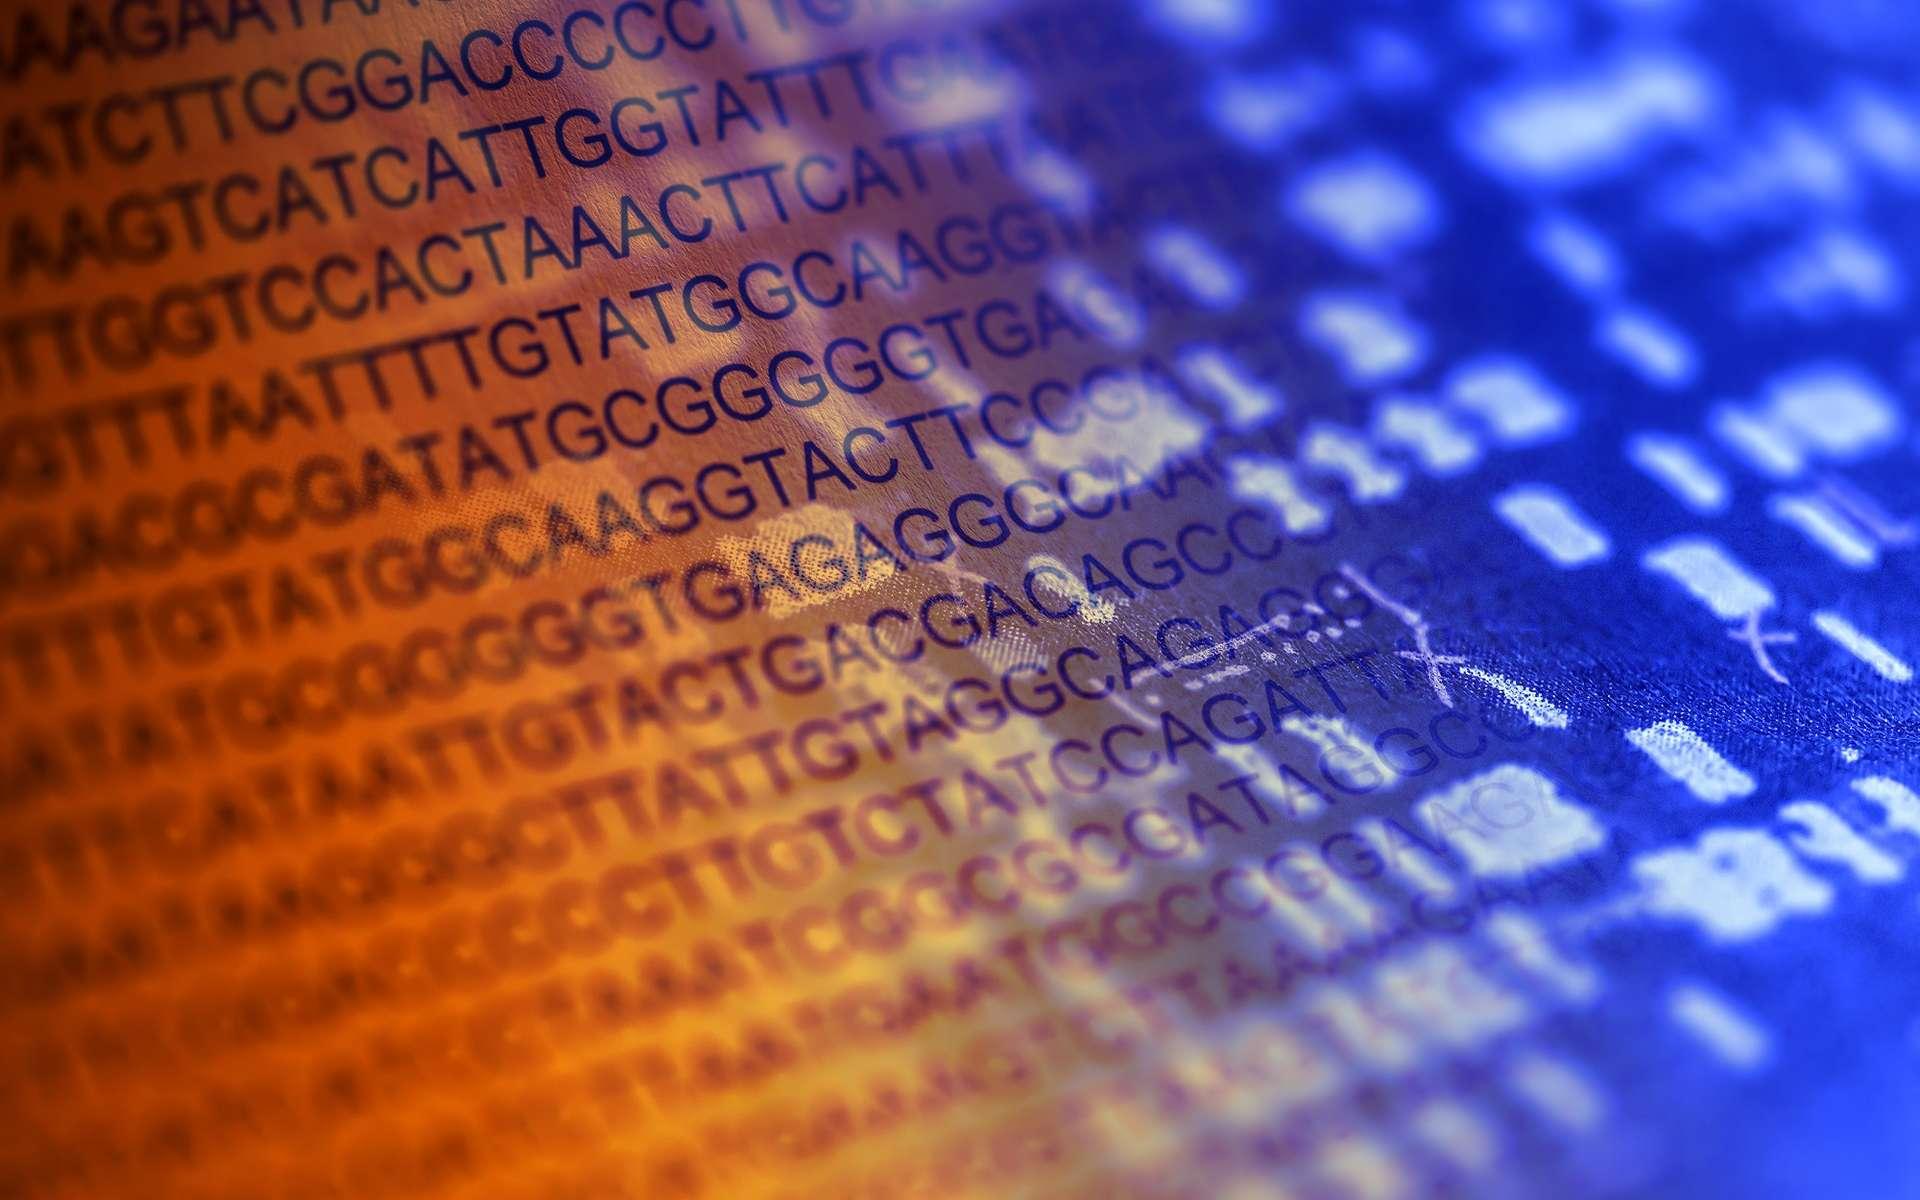 Bonaparte identifie les victimes en comparant les ADN avec ceux de membres des familles des disparus. © isak55, Shutterstock